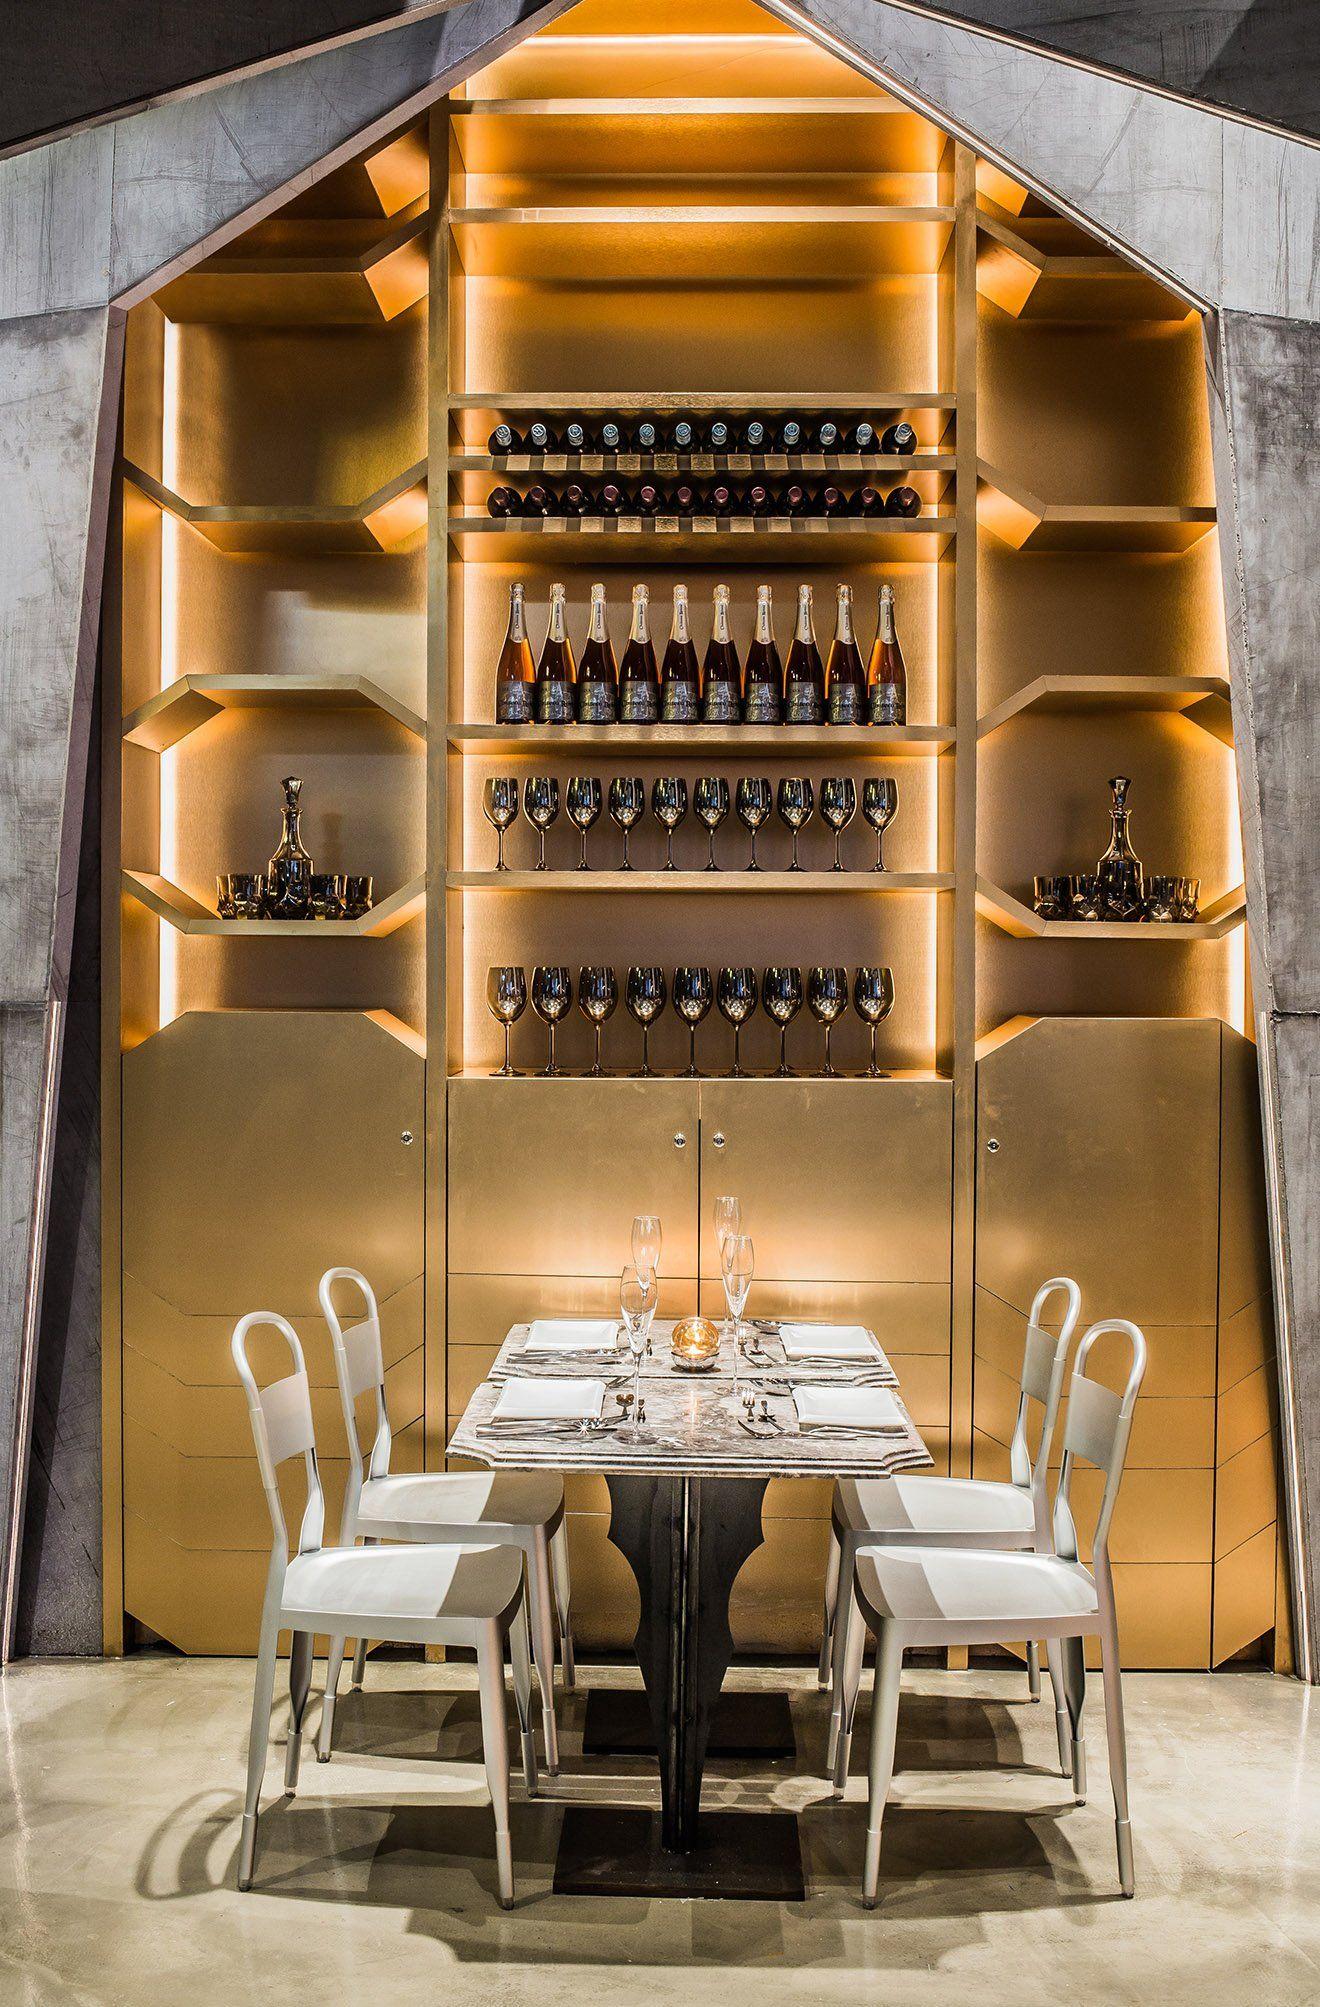 51b50d32eca6caf9f5ecf318e6c25564 Impressionnant De Table Bar Exterieur Conception